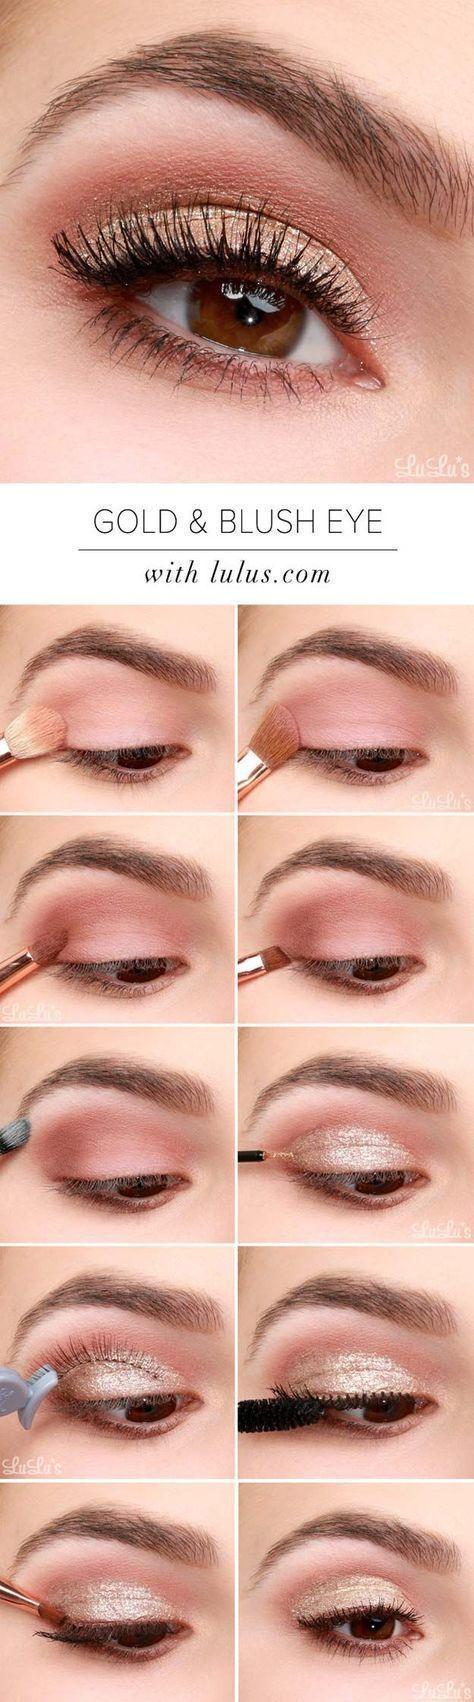 Makeup-Tipps für die besten Fotos – Lulus How-To: Gold und Blush Valen